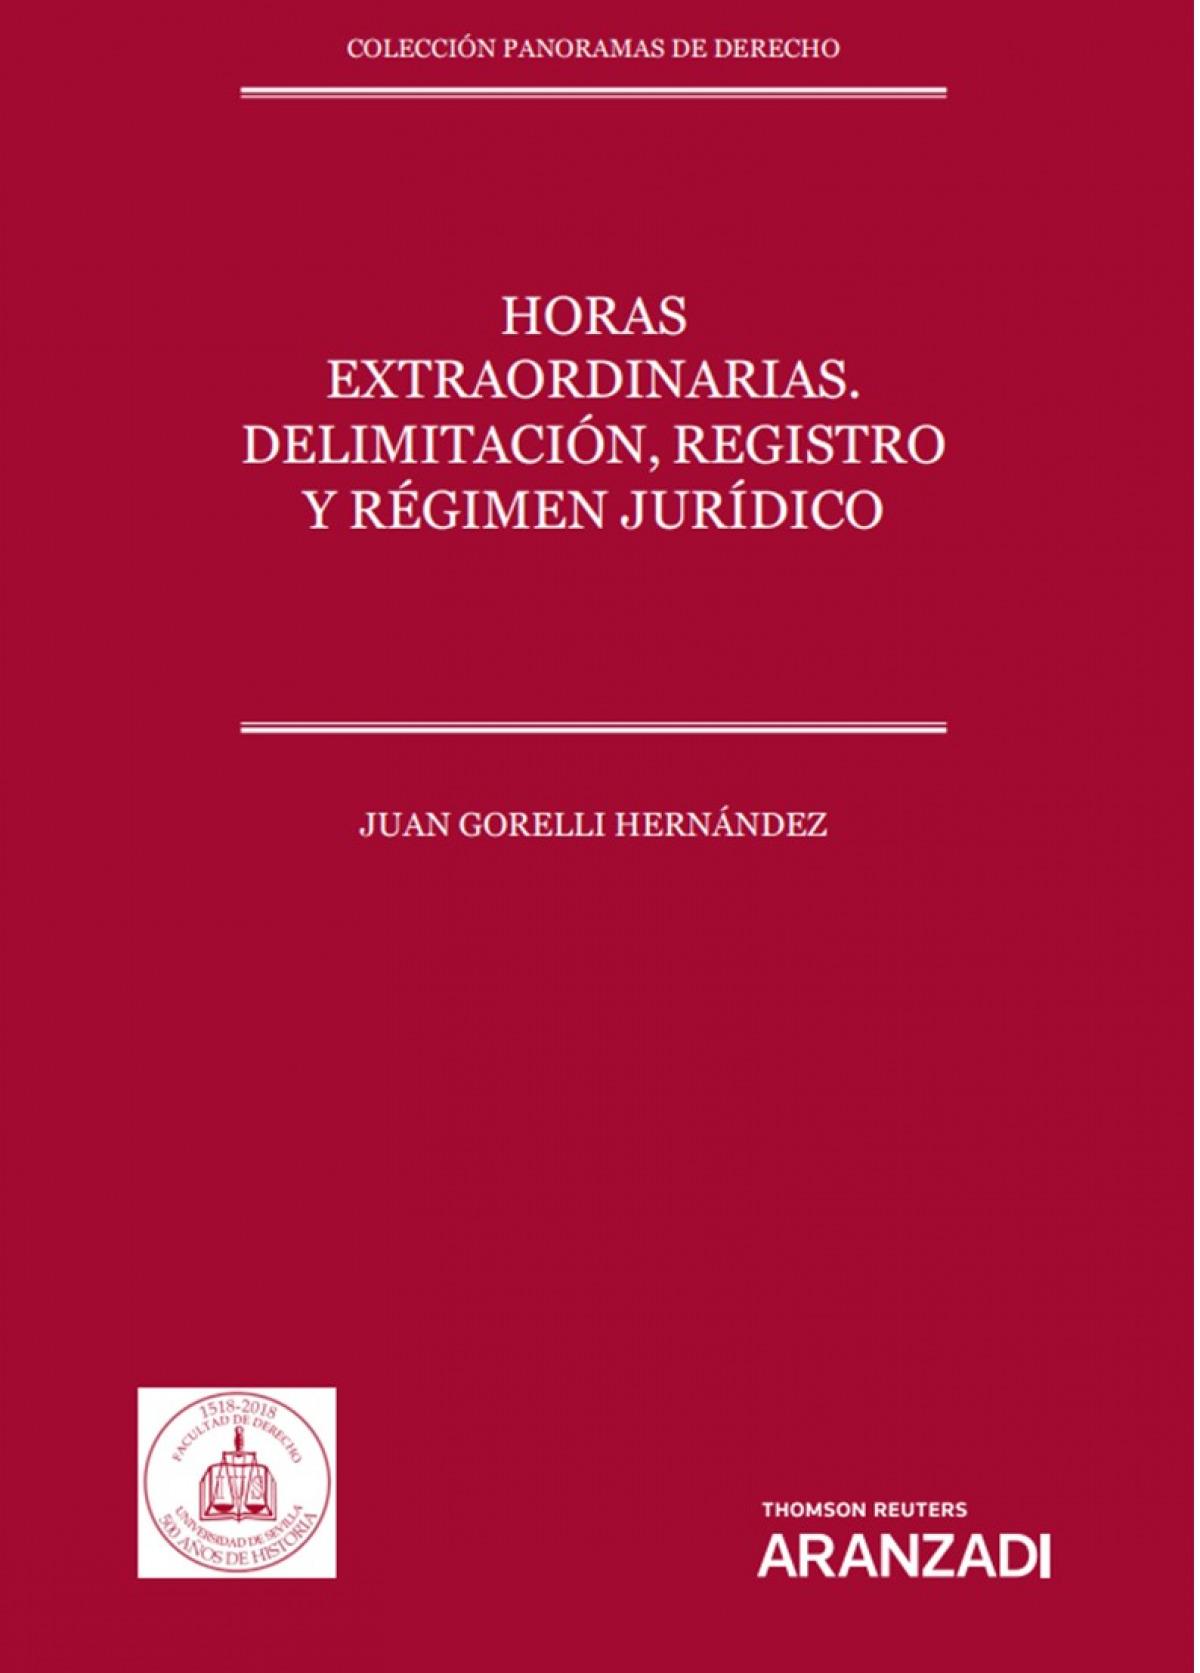 Horas extraordinarias. Delimitación, registro y régimen jur¡dico 9788413455938